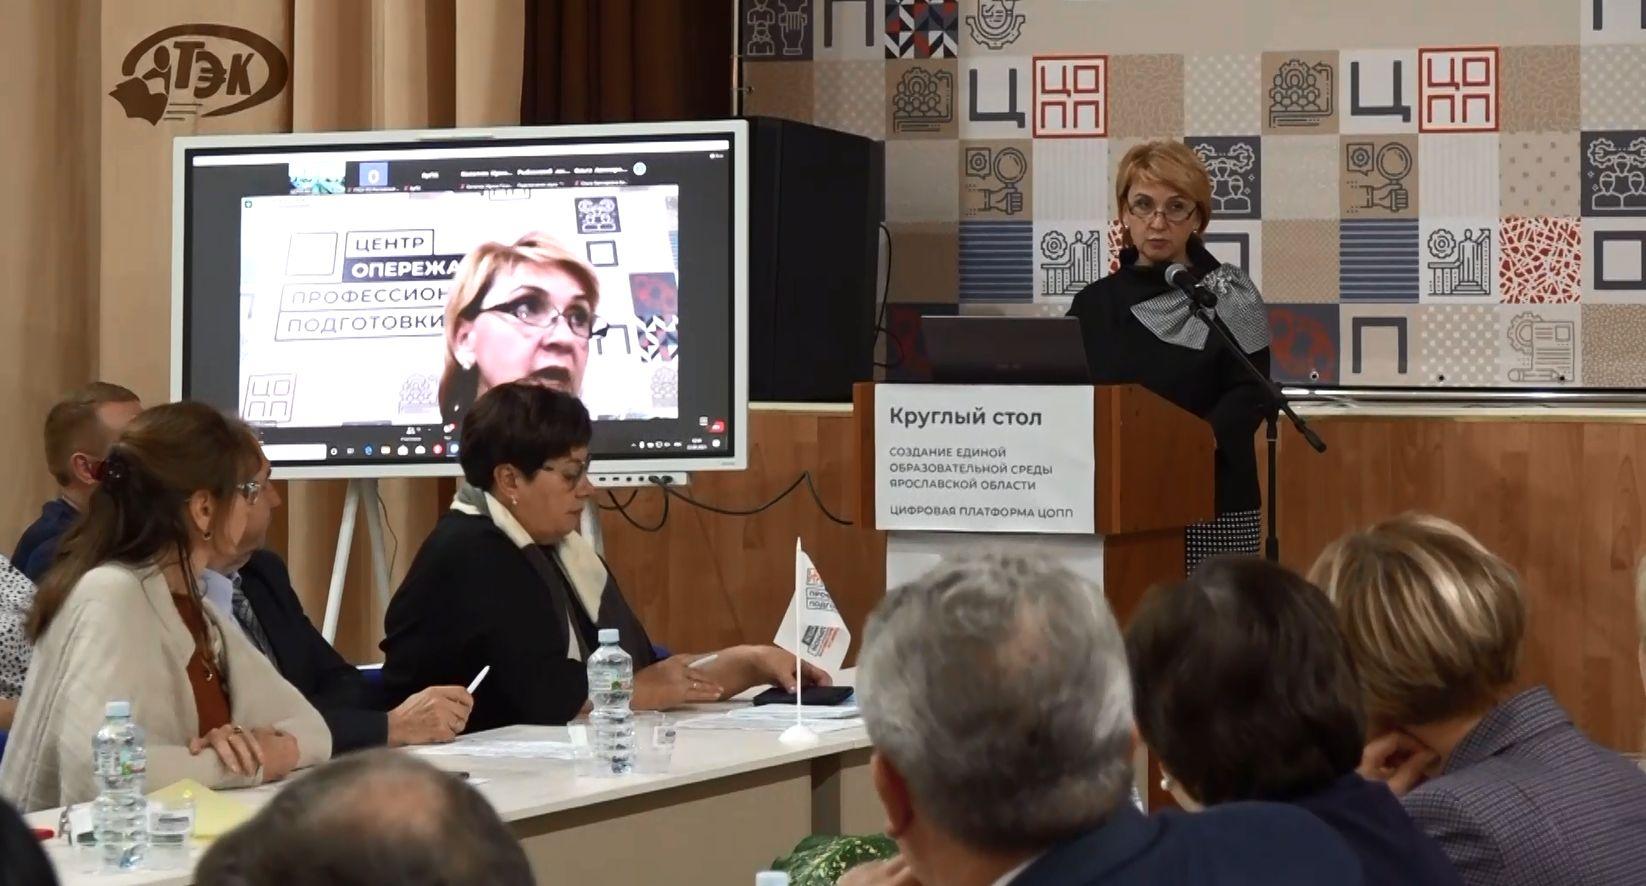 В Ярославле презентовали цифровой агрегатор от центра опережающей профессиональной подготовки